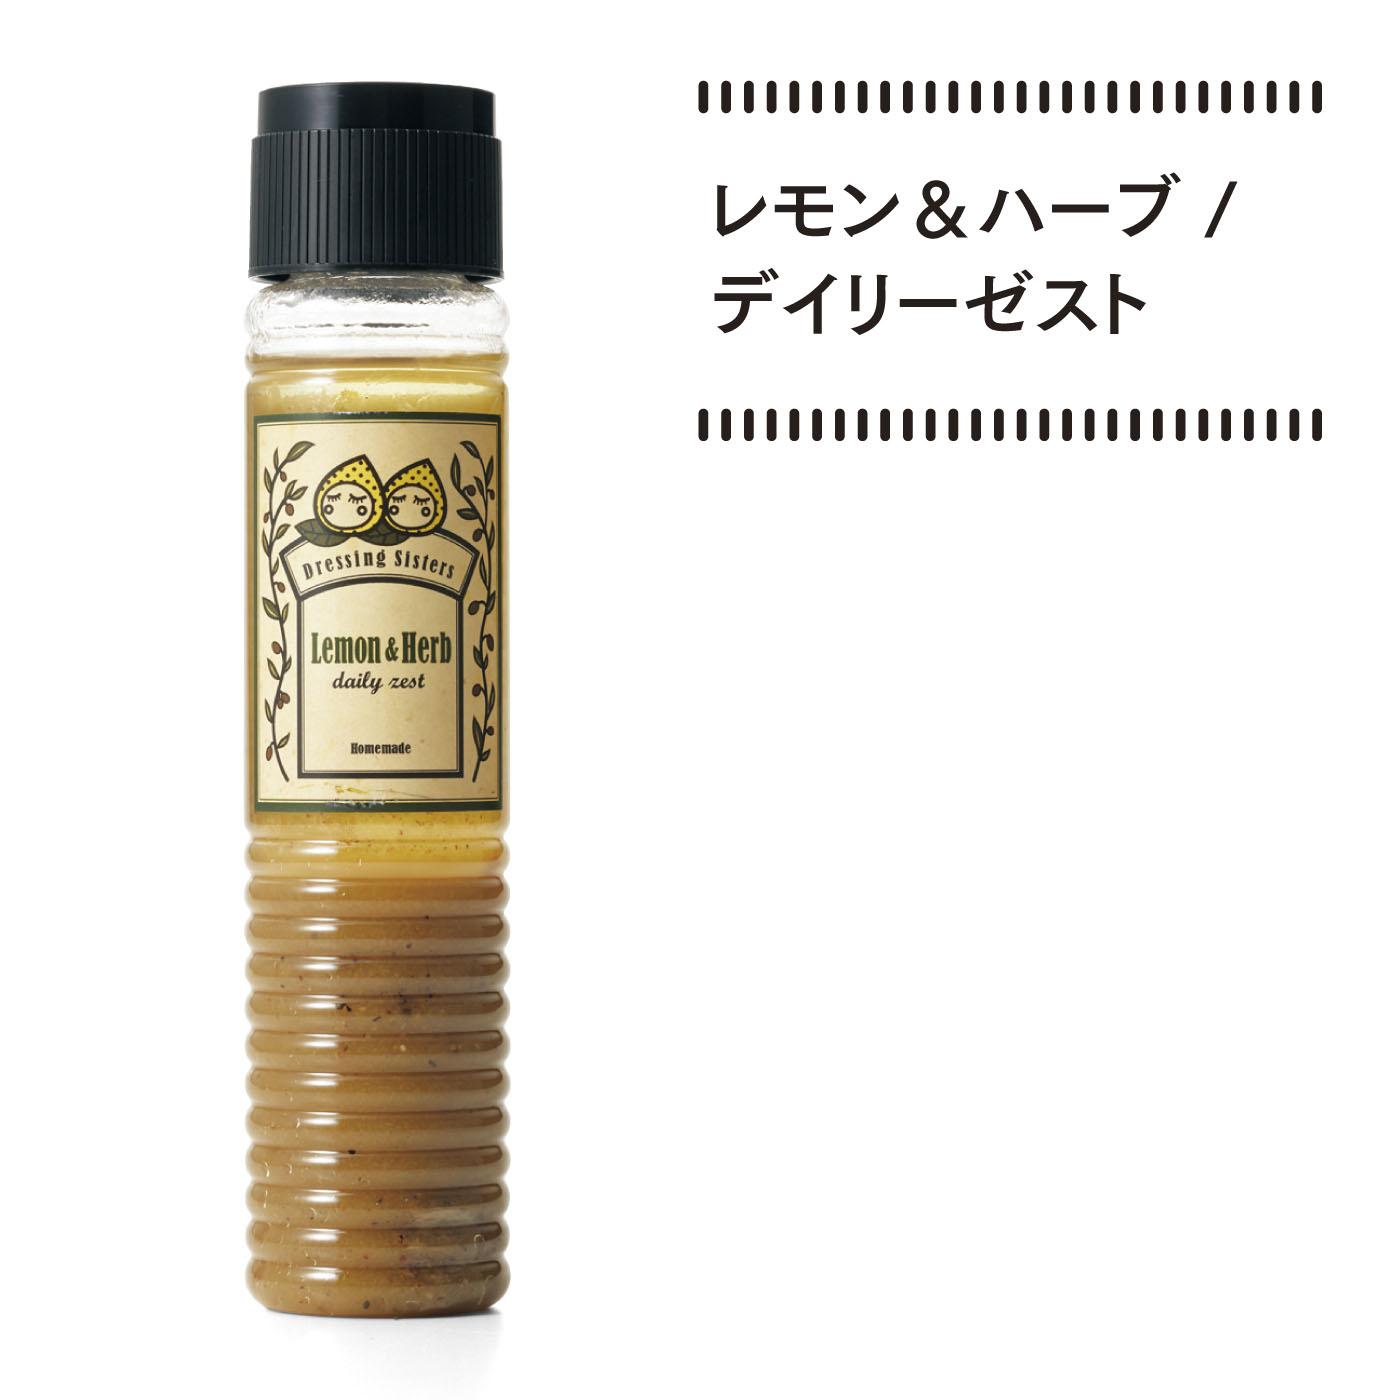 ブランド誕生のきっかけとなった伝統フレーバー。生レモン果汁がベースのシンプルながらクセになる味わい。[VEGAN対応]